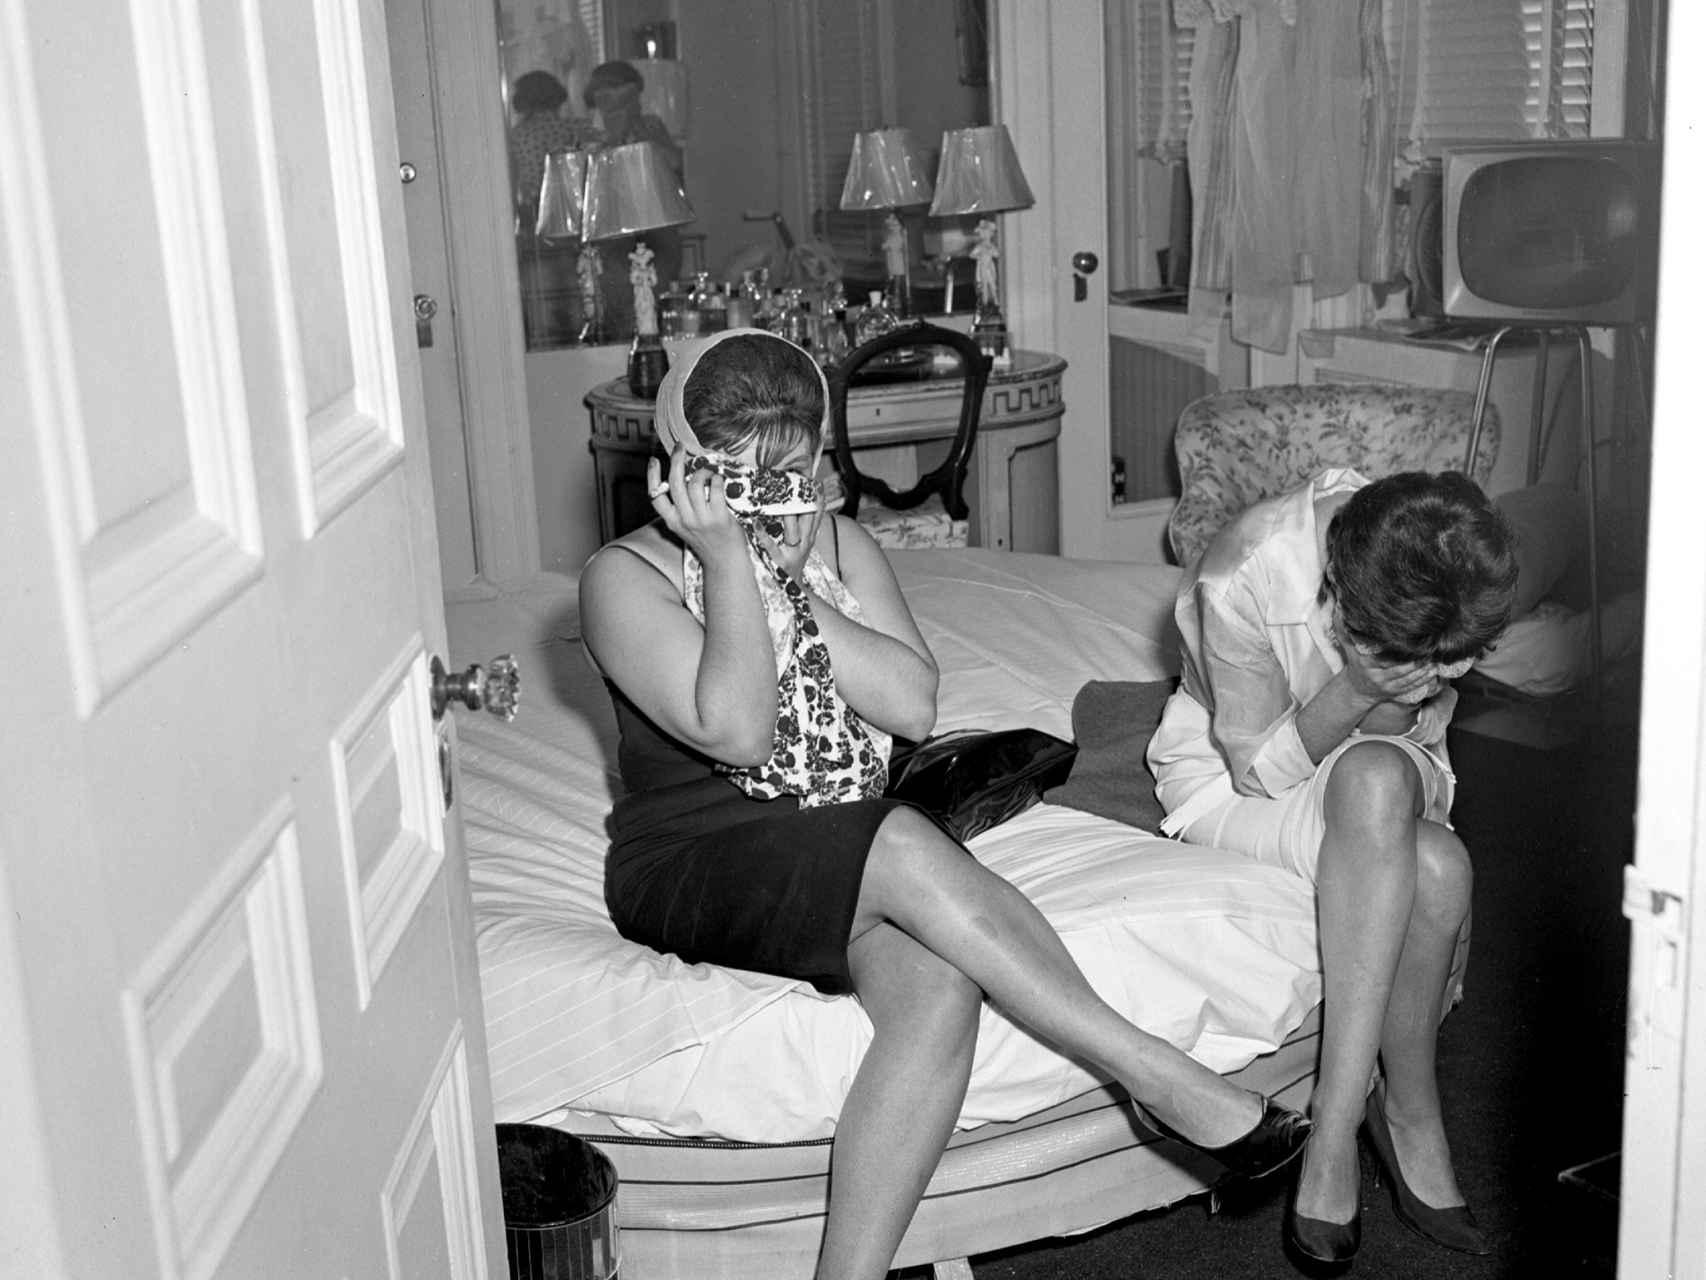 prostitutas victorianas chat de prostitutas